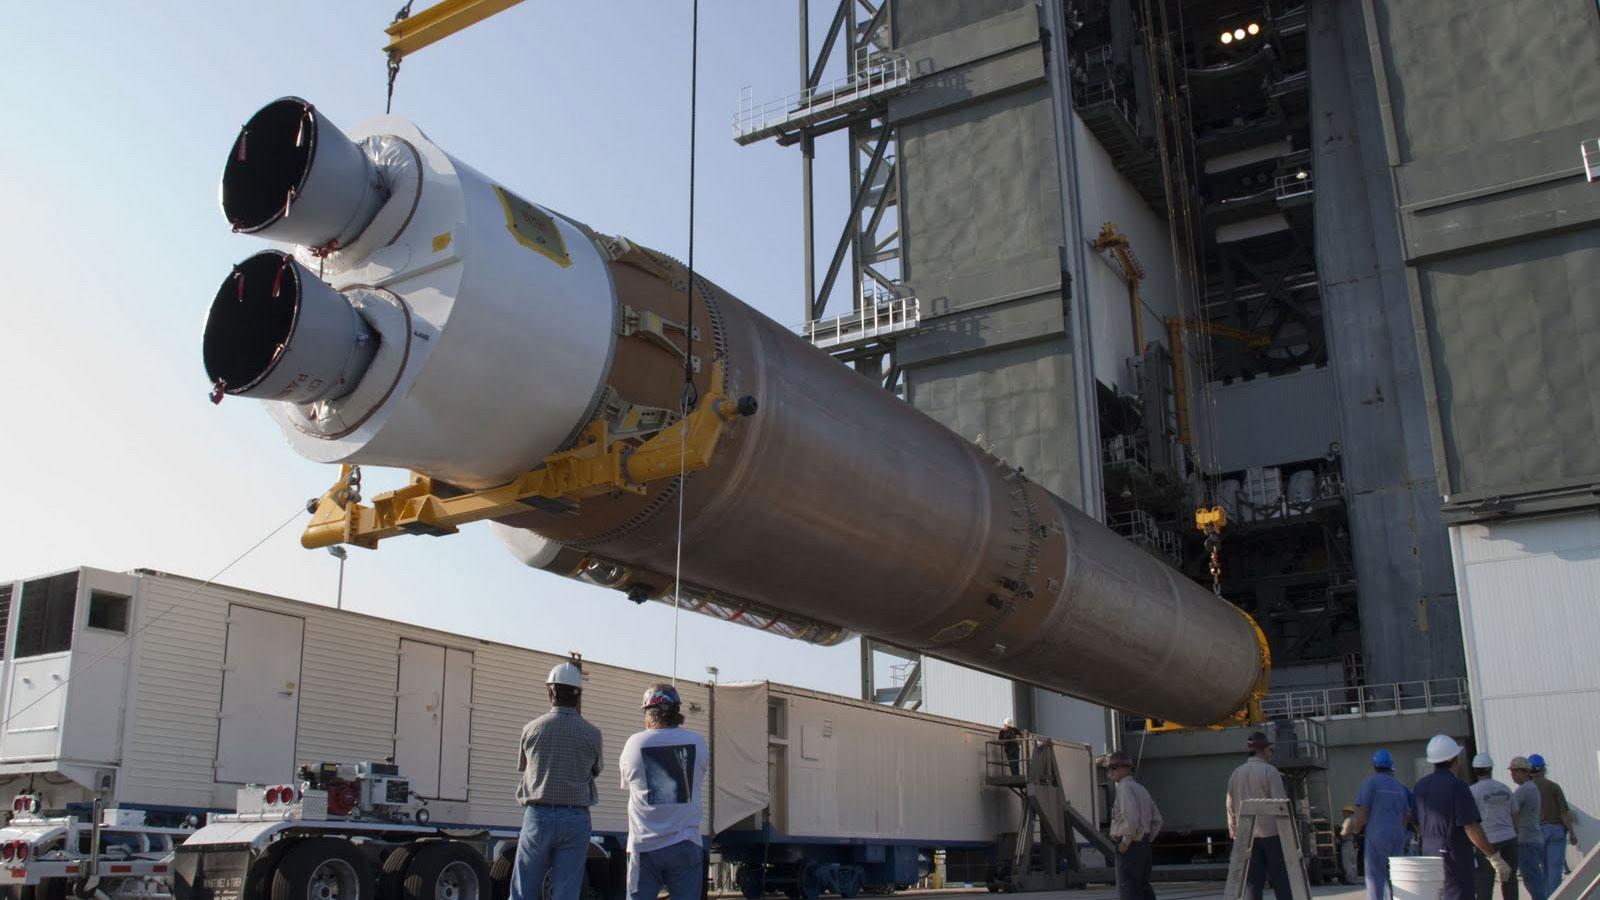 Ракета Атлас 5 с российским двигателем РД-180